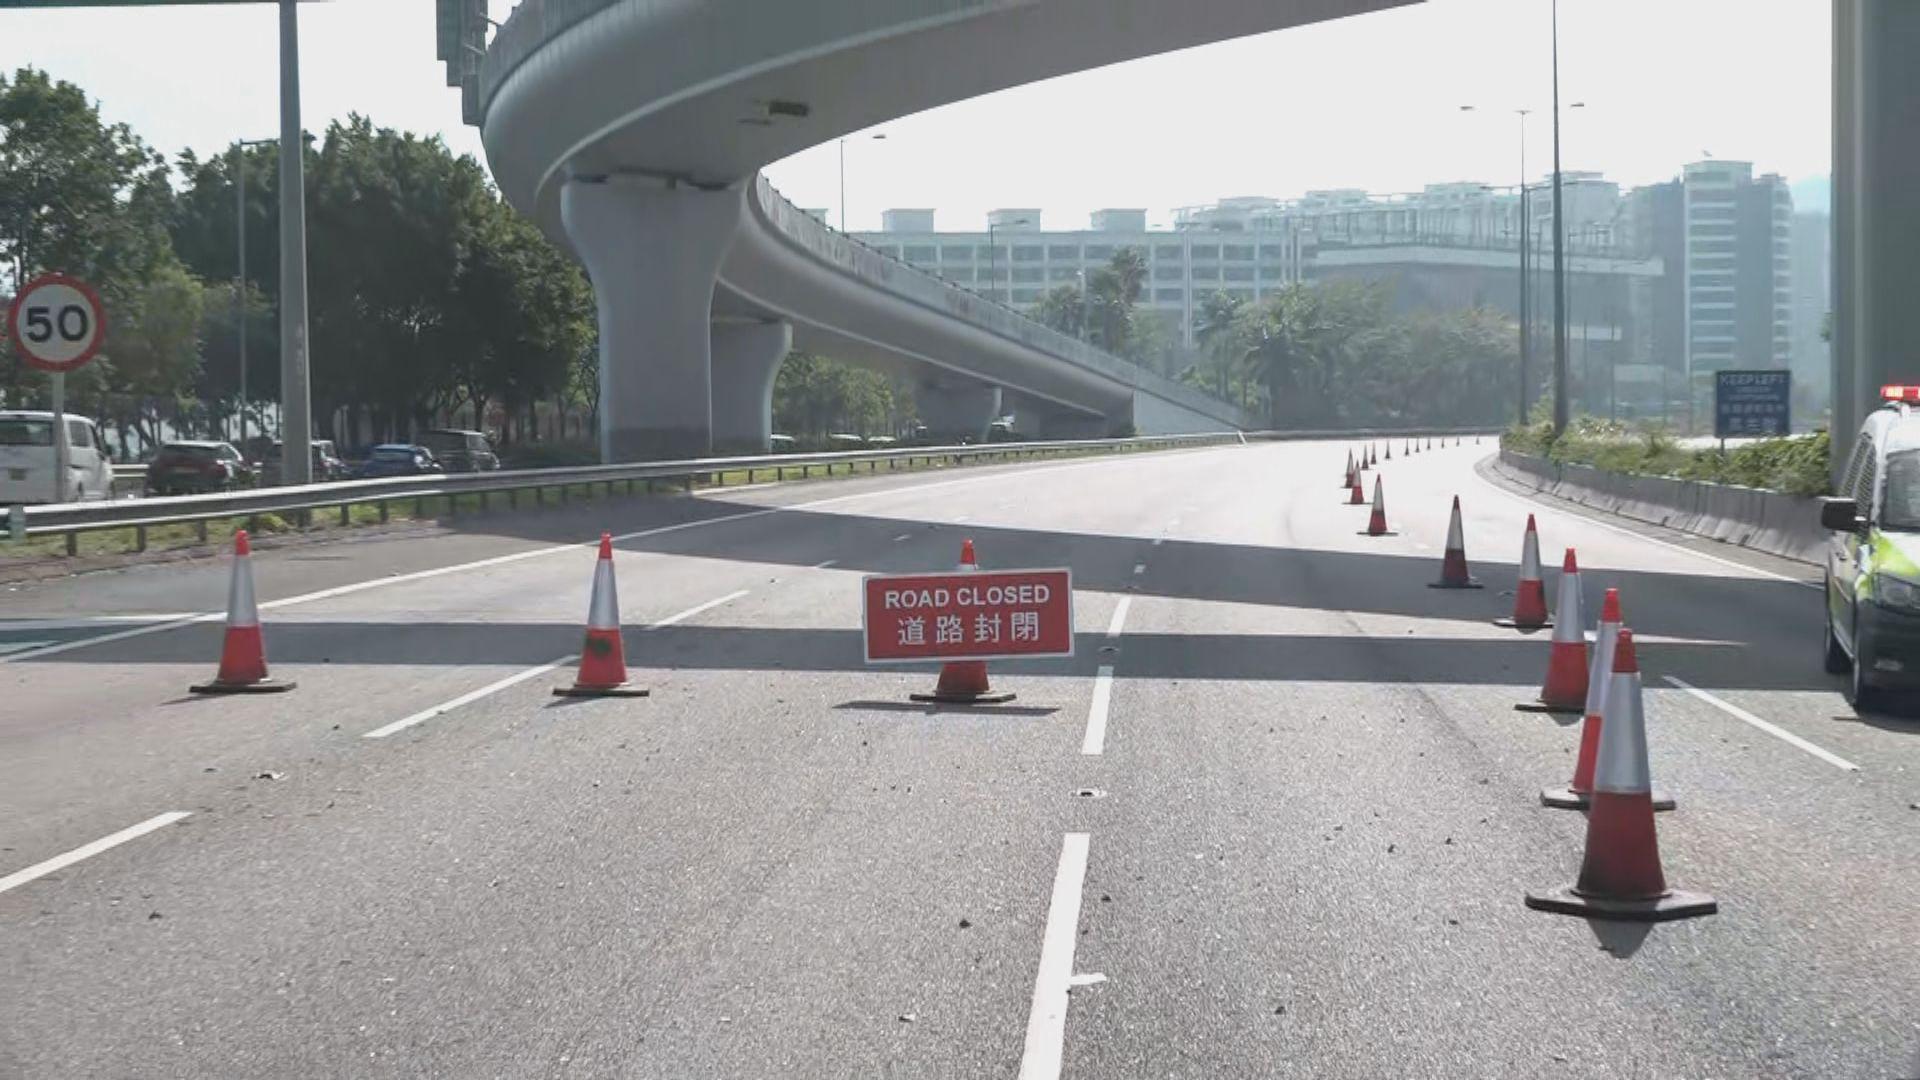 示威者開吐露港公路一線 運輸署:正清理未開通